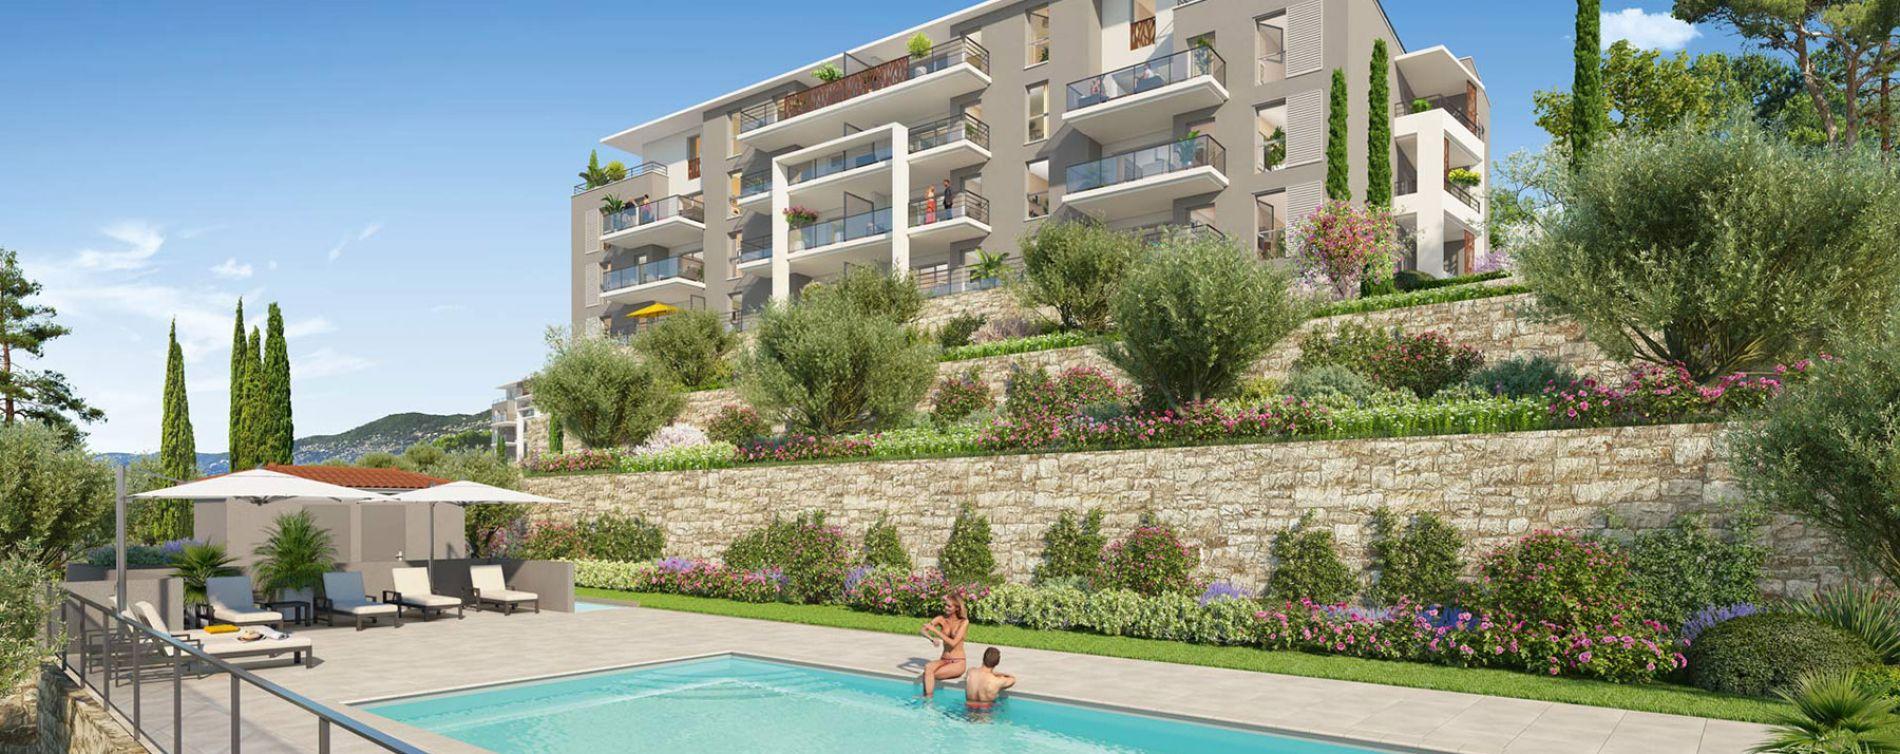 Grasse : programme immobilier neuve « Roses Marine » (2)